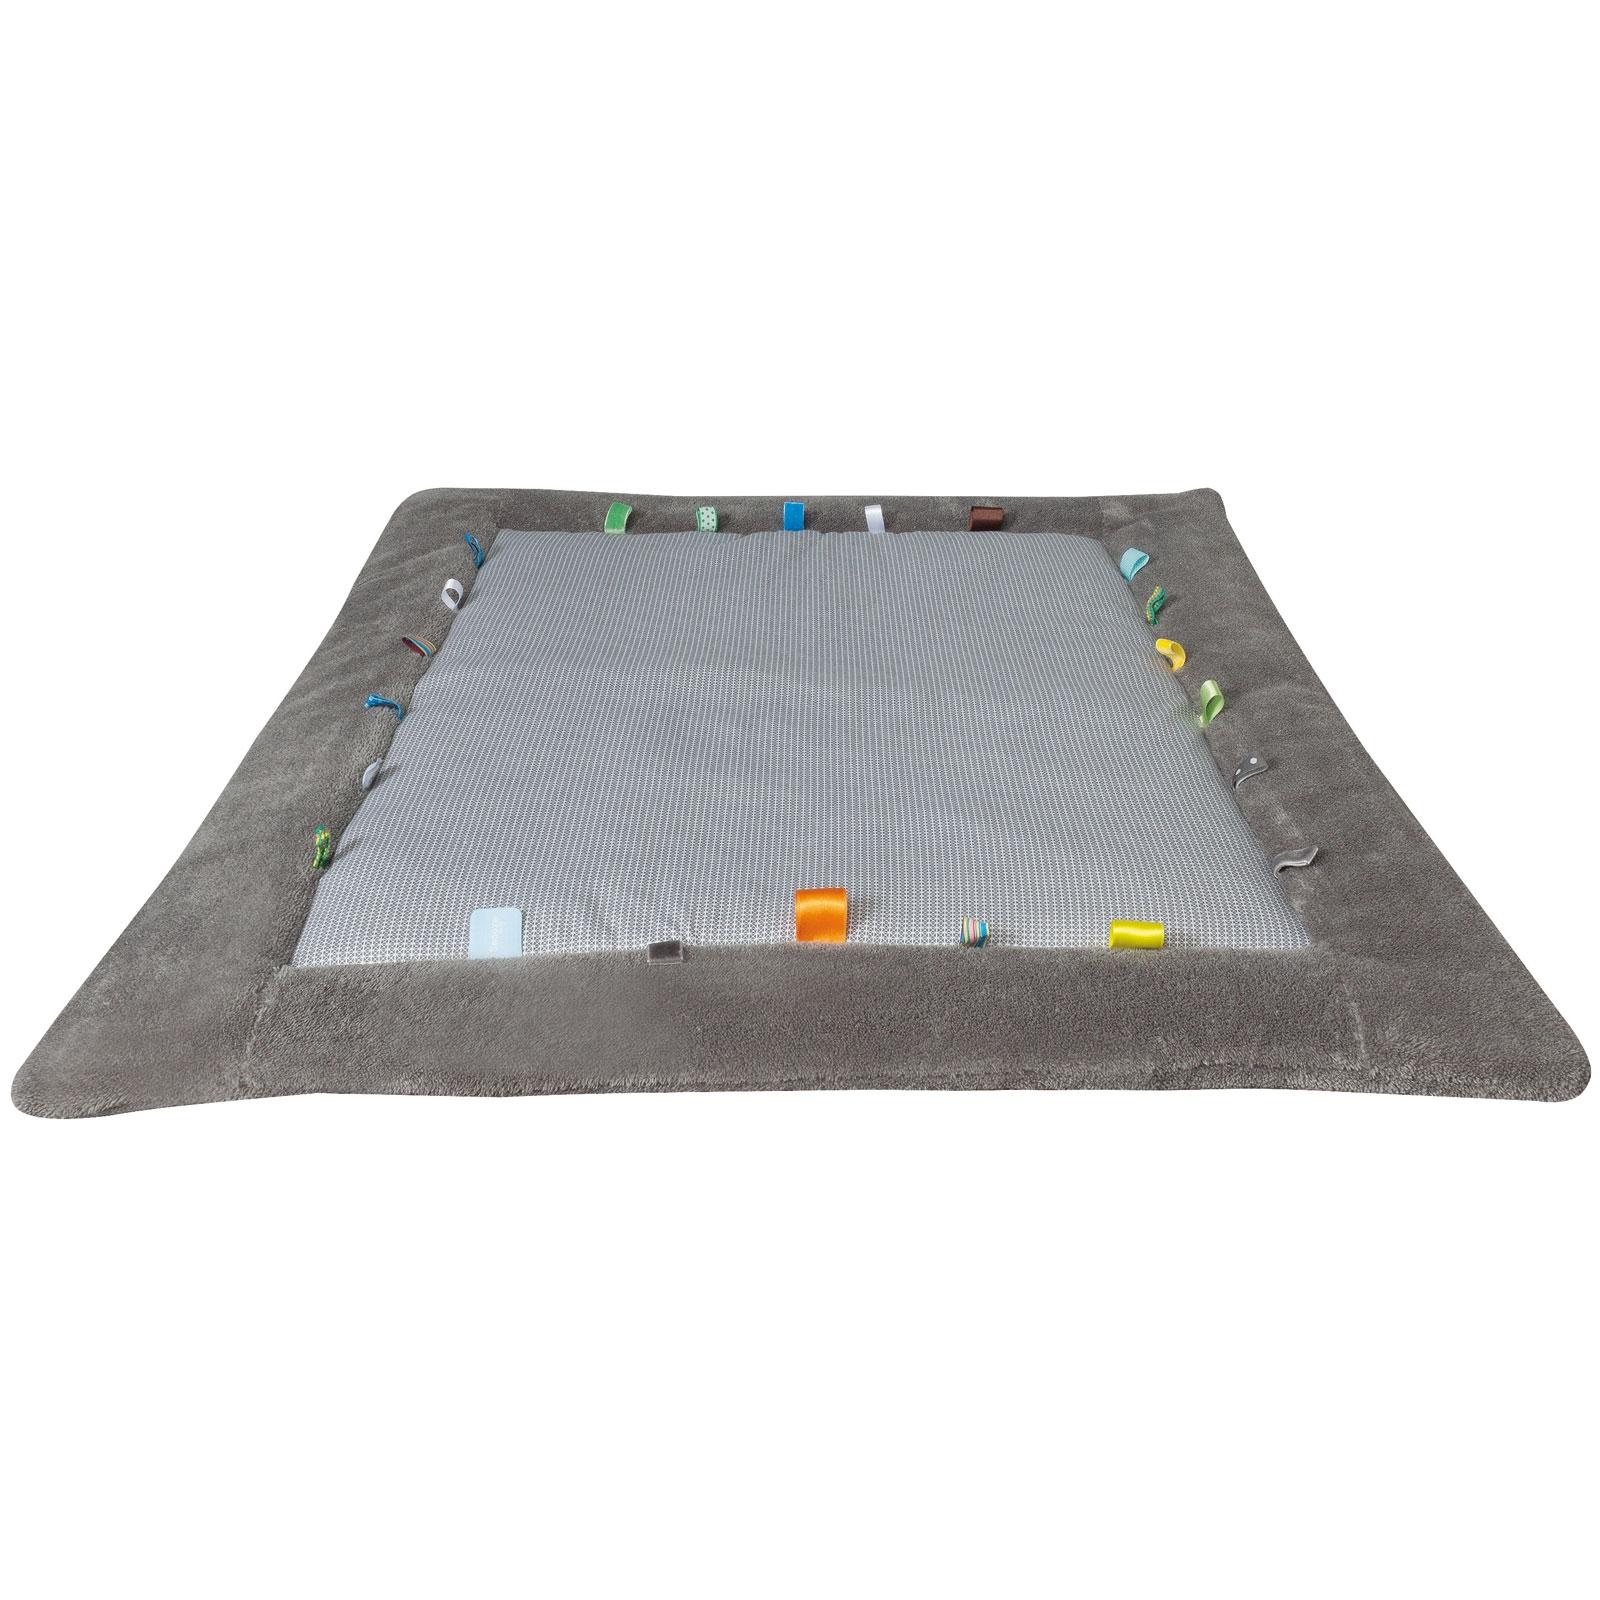 tapis de jeu cheerful playing storm grey 85 x 105 cm - Tapis De Jeu Bebe 1 An